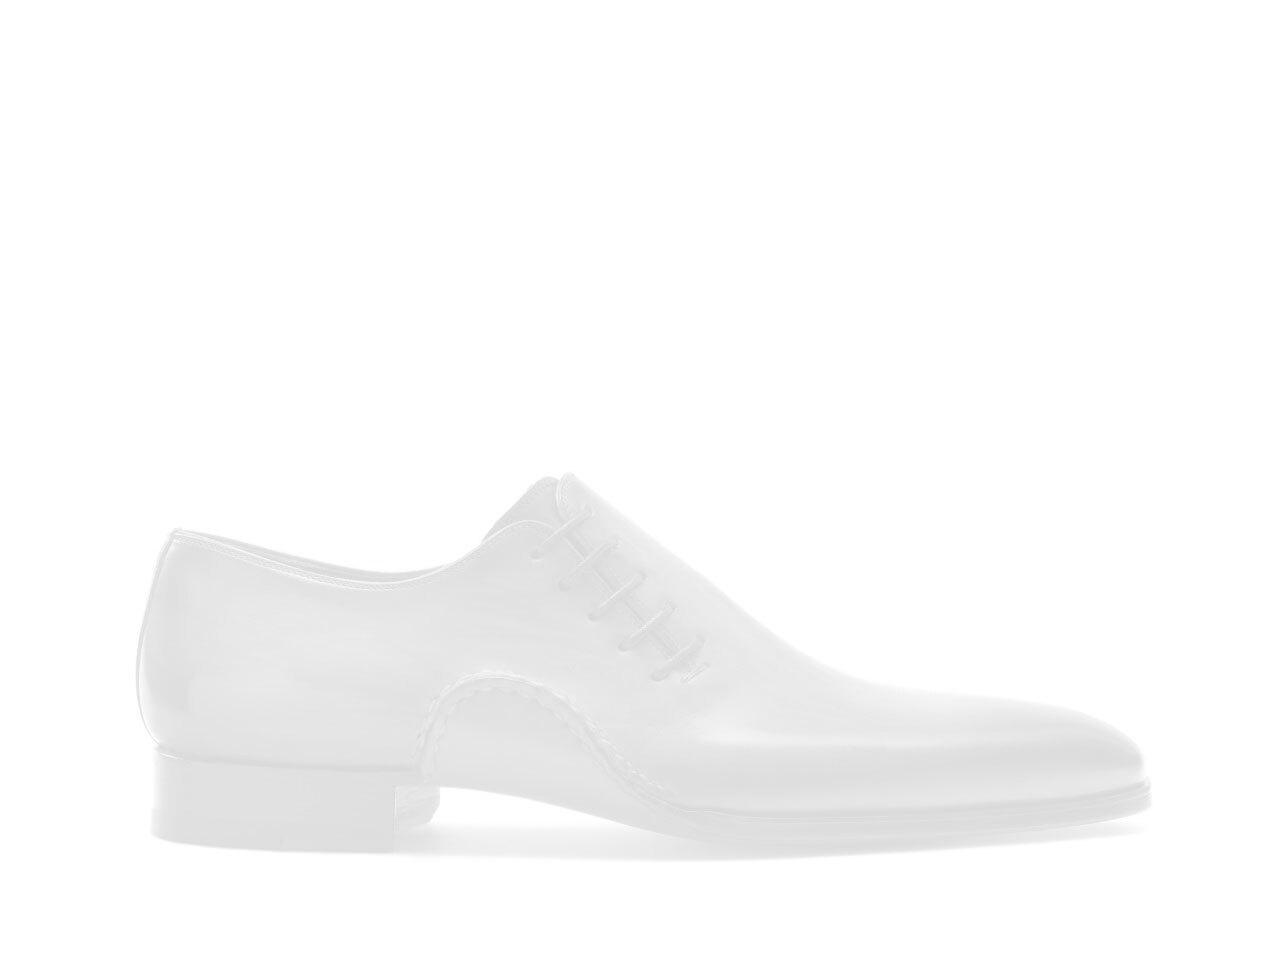 Sole of the Magnanni Ondara II Cognac Men's Double Monk Strap Shoes